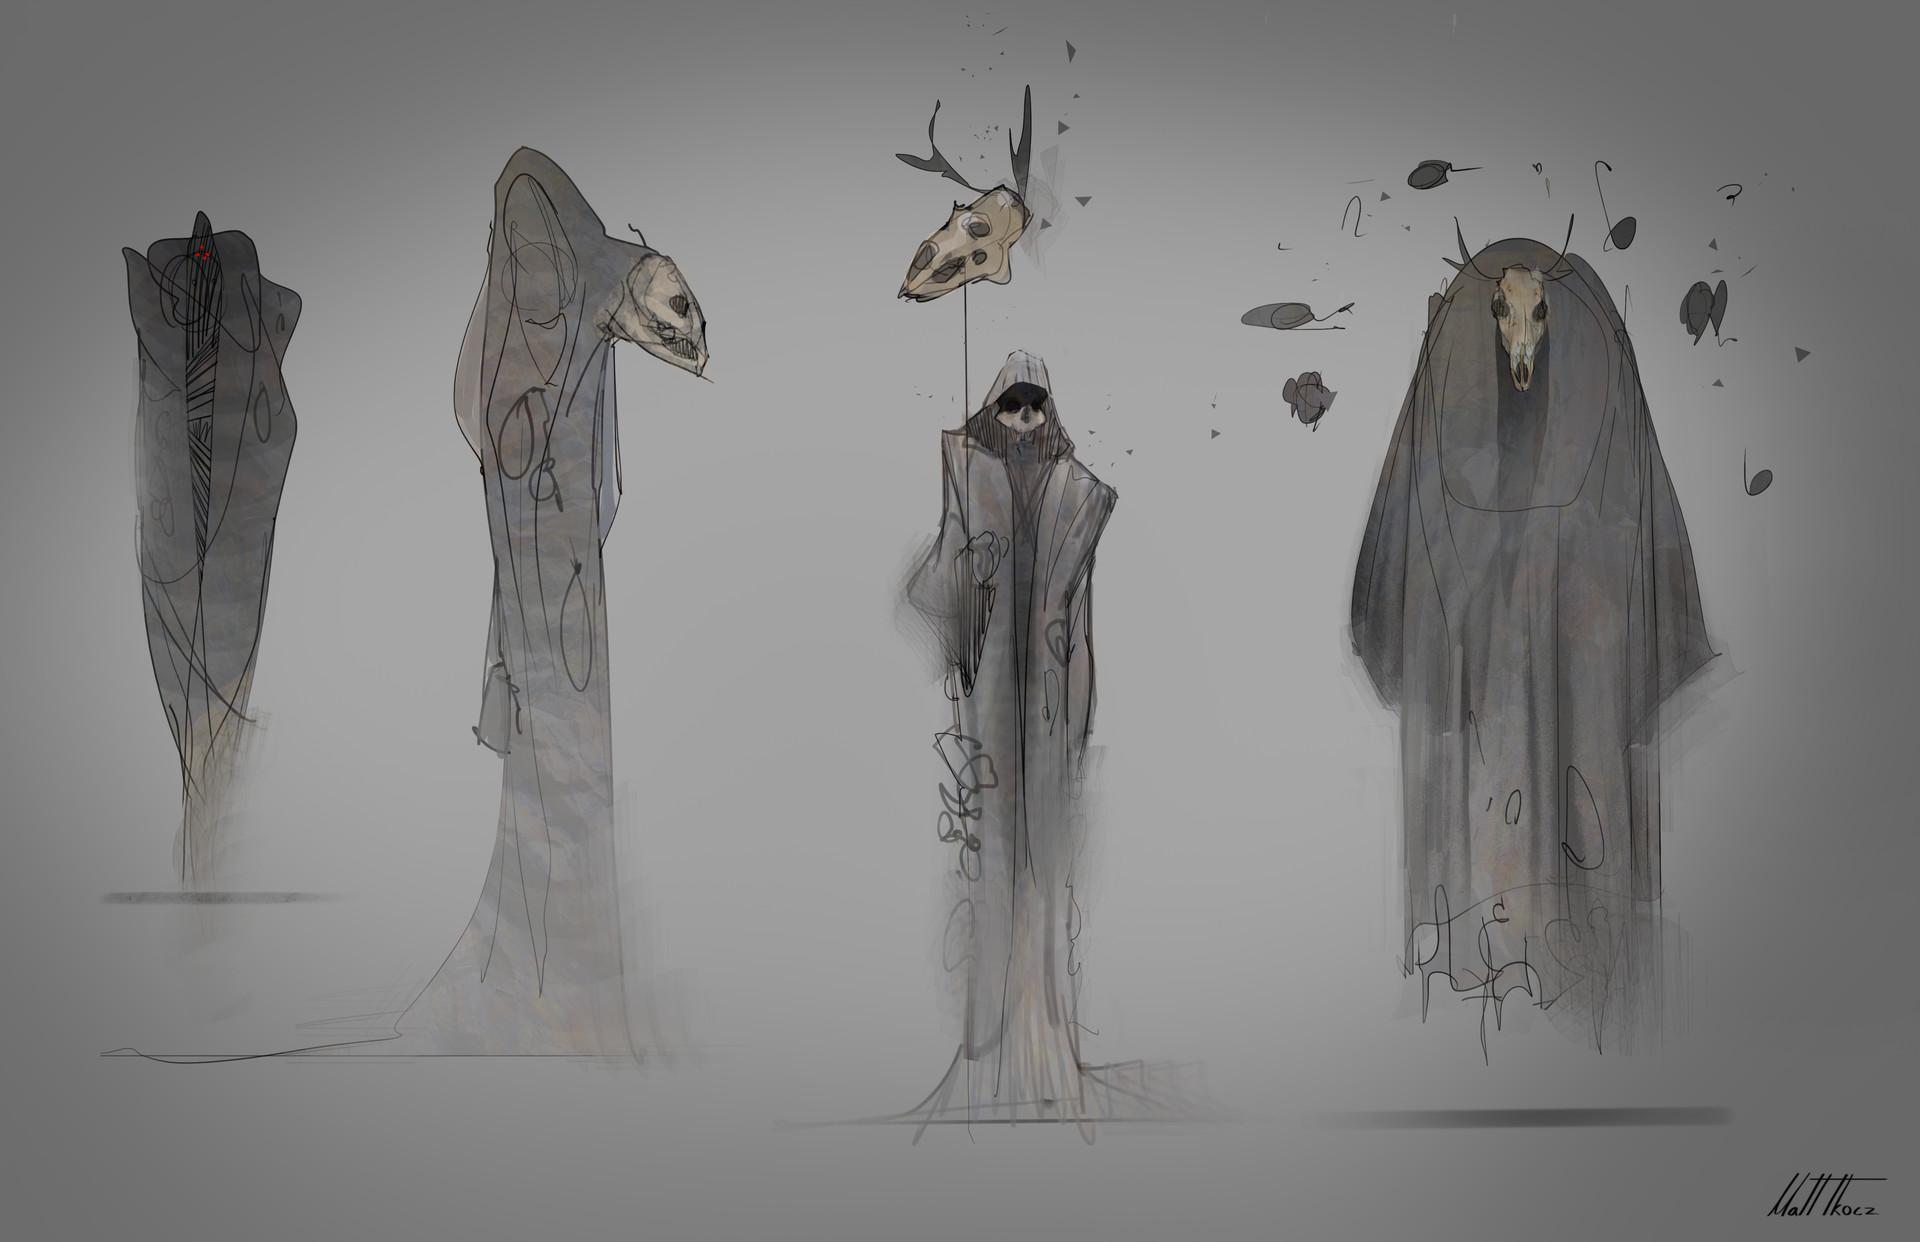 Matt tkocz harbingers sketches1